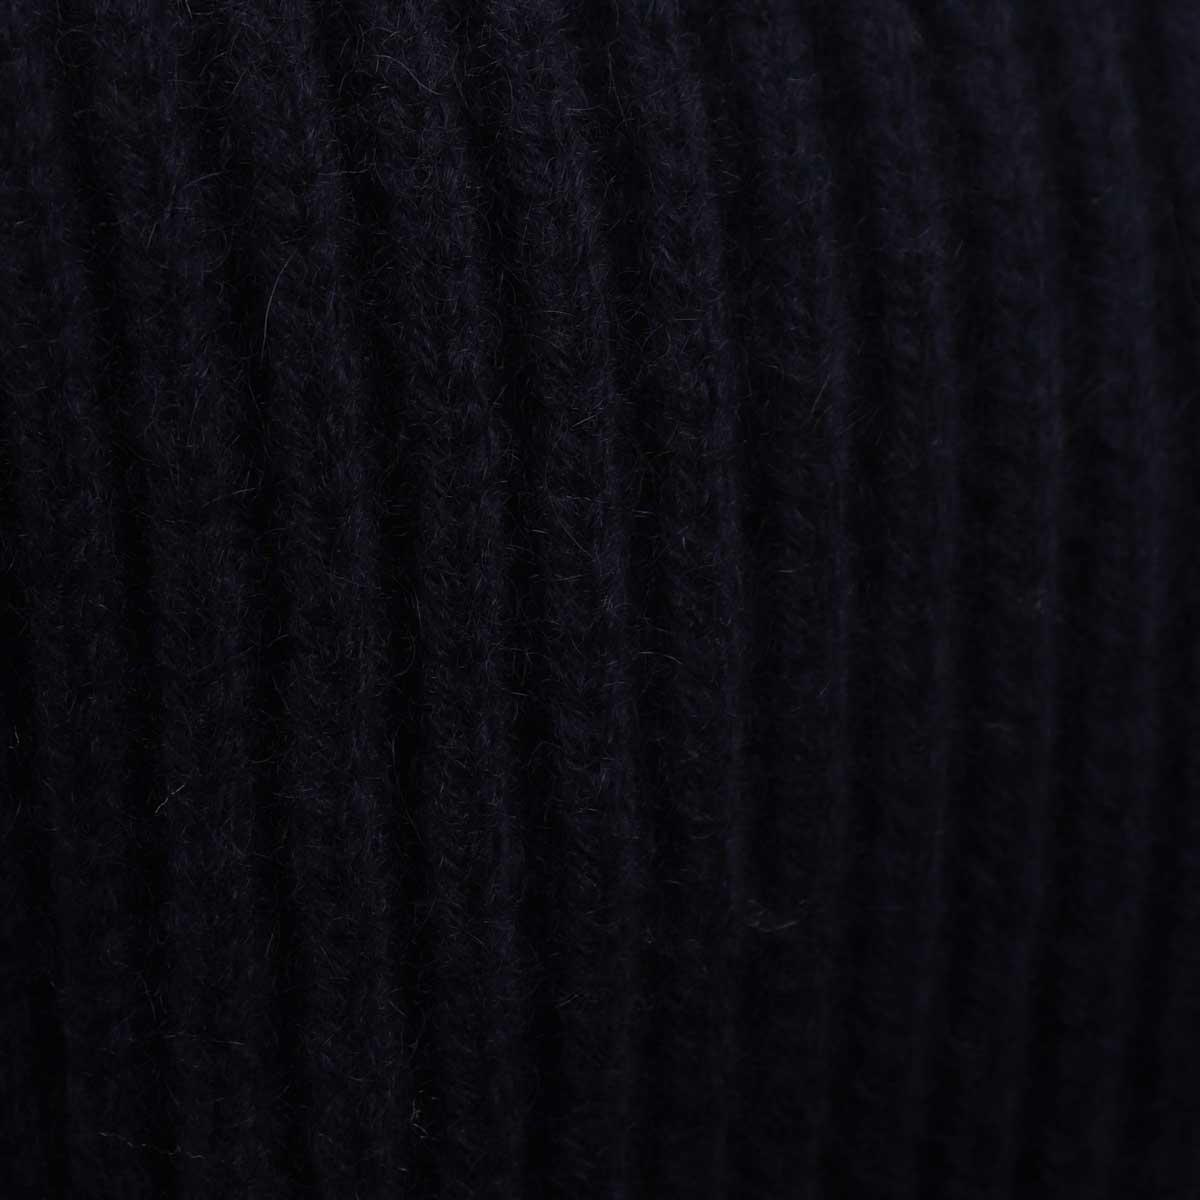 【クリアランスセール】ランベルト ロザーニ LAMBERTO LOSANI メンズ カシミヤ クルーネック ニットセーター H288096/616 (ネイビー)【返品交換不可】